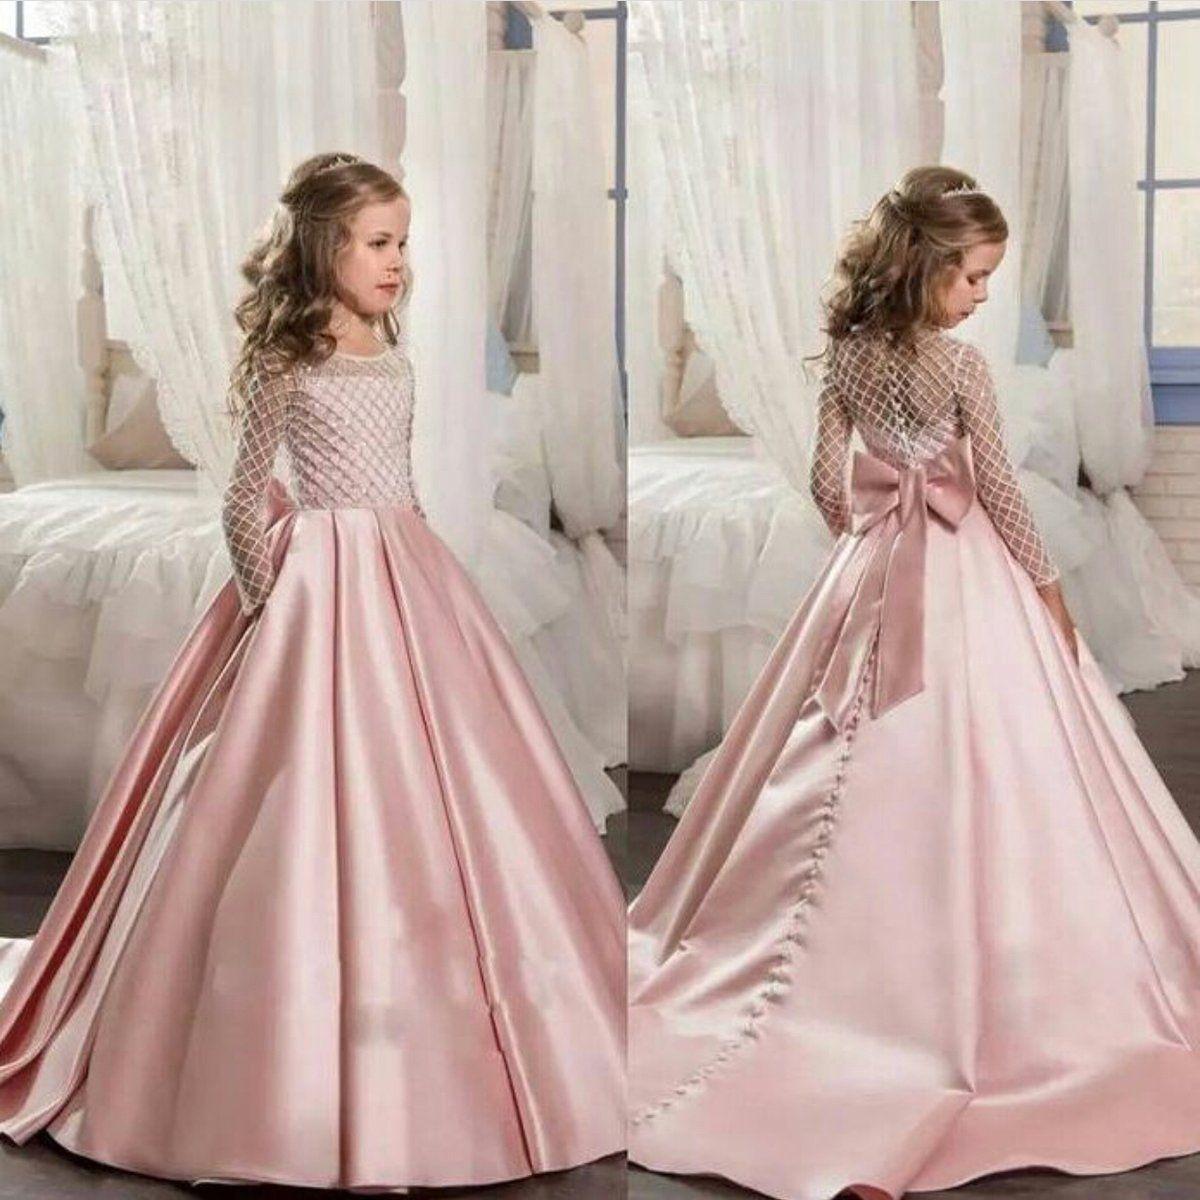 2018 pink satin flower girl dresses for weddings long sleeve cute 2018 pink satin flower girl dresses for weddings long sleeve cute cheap kids prom gown silhouette izmirmasajfo